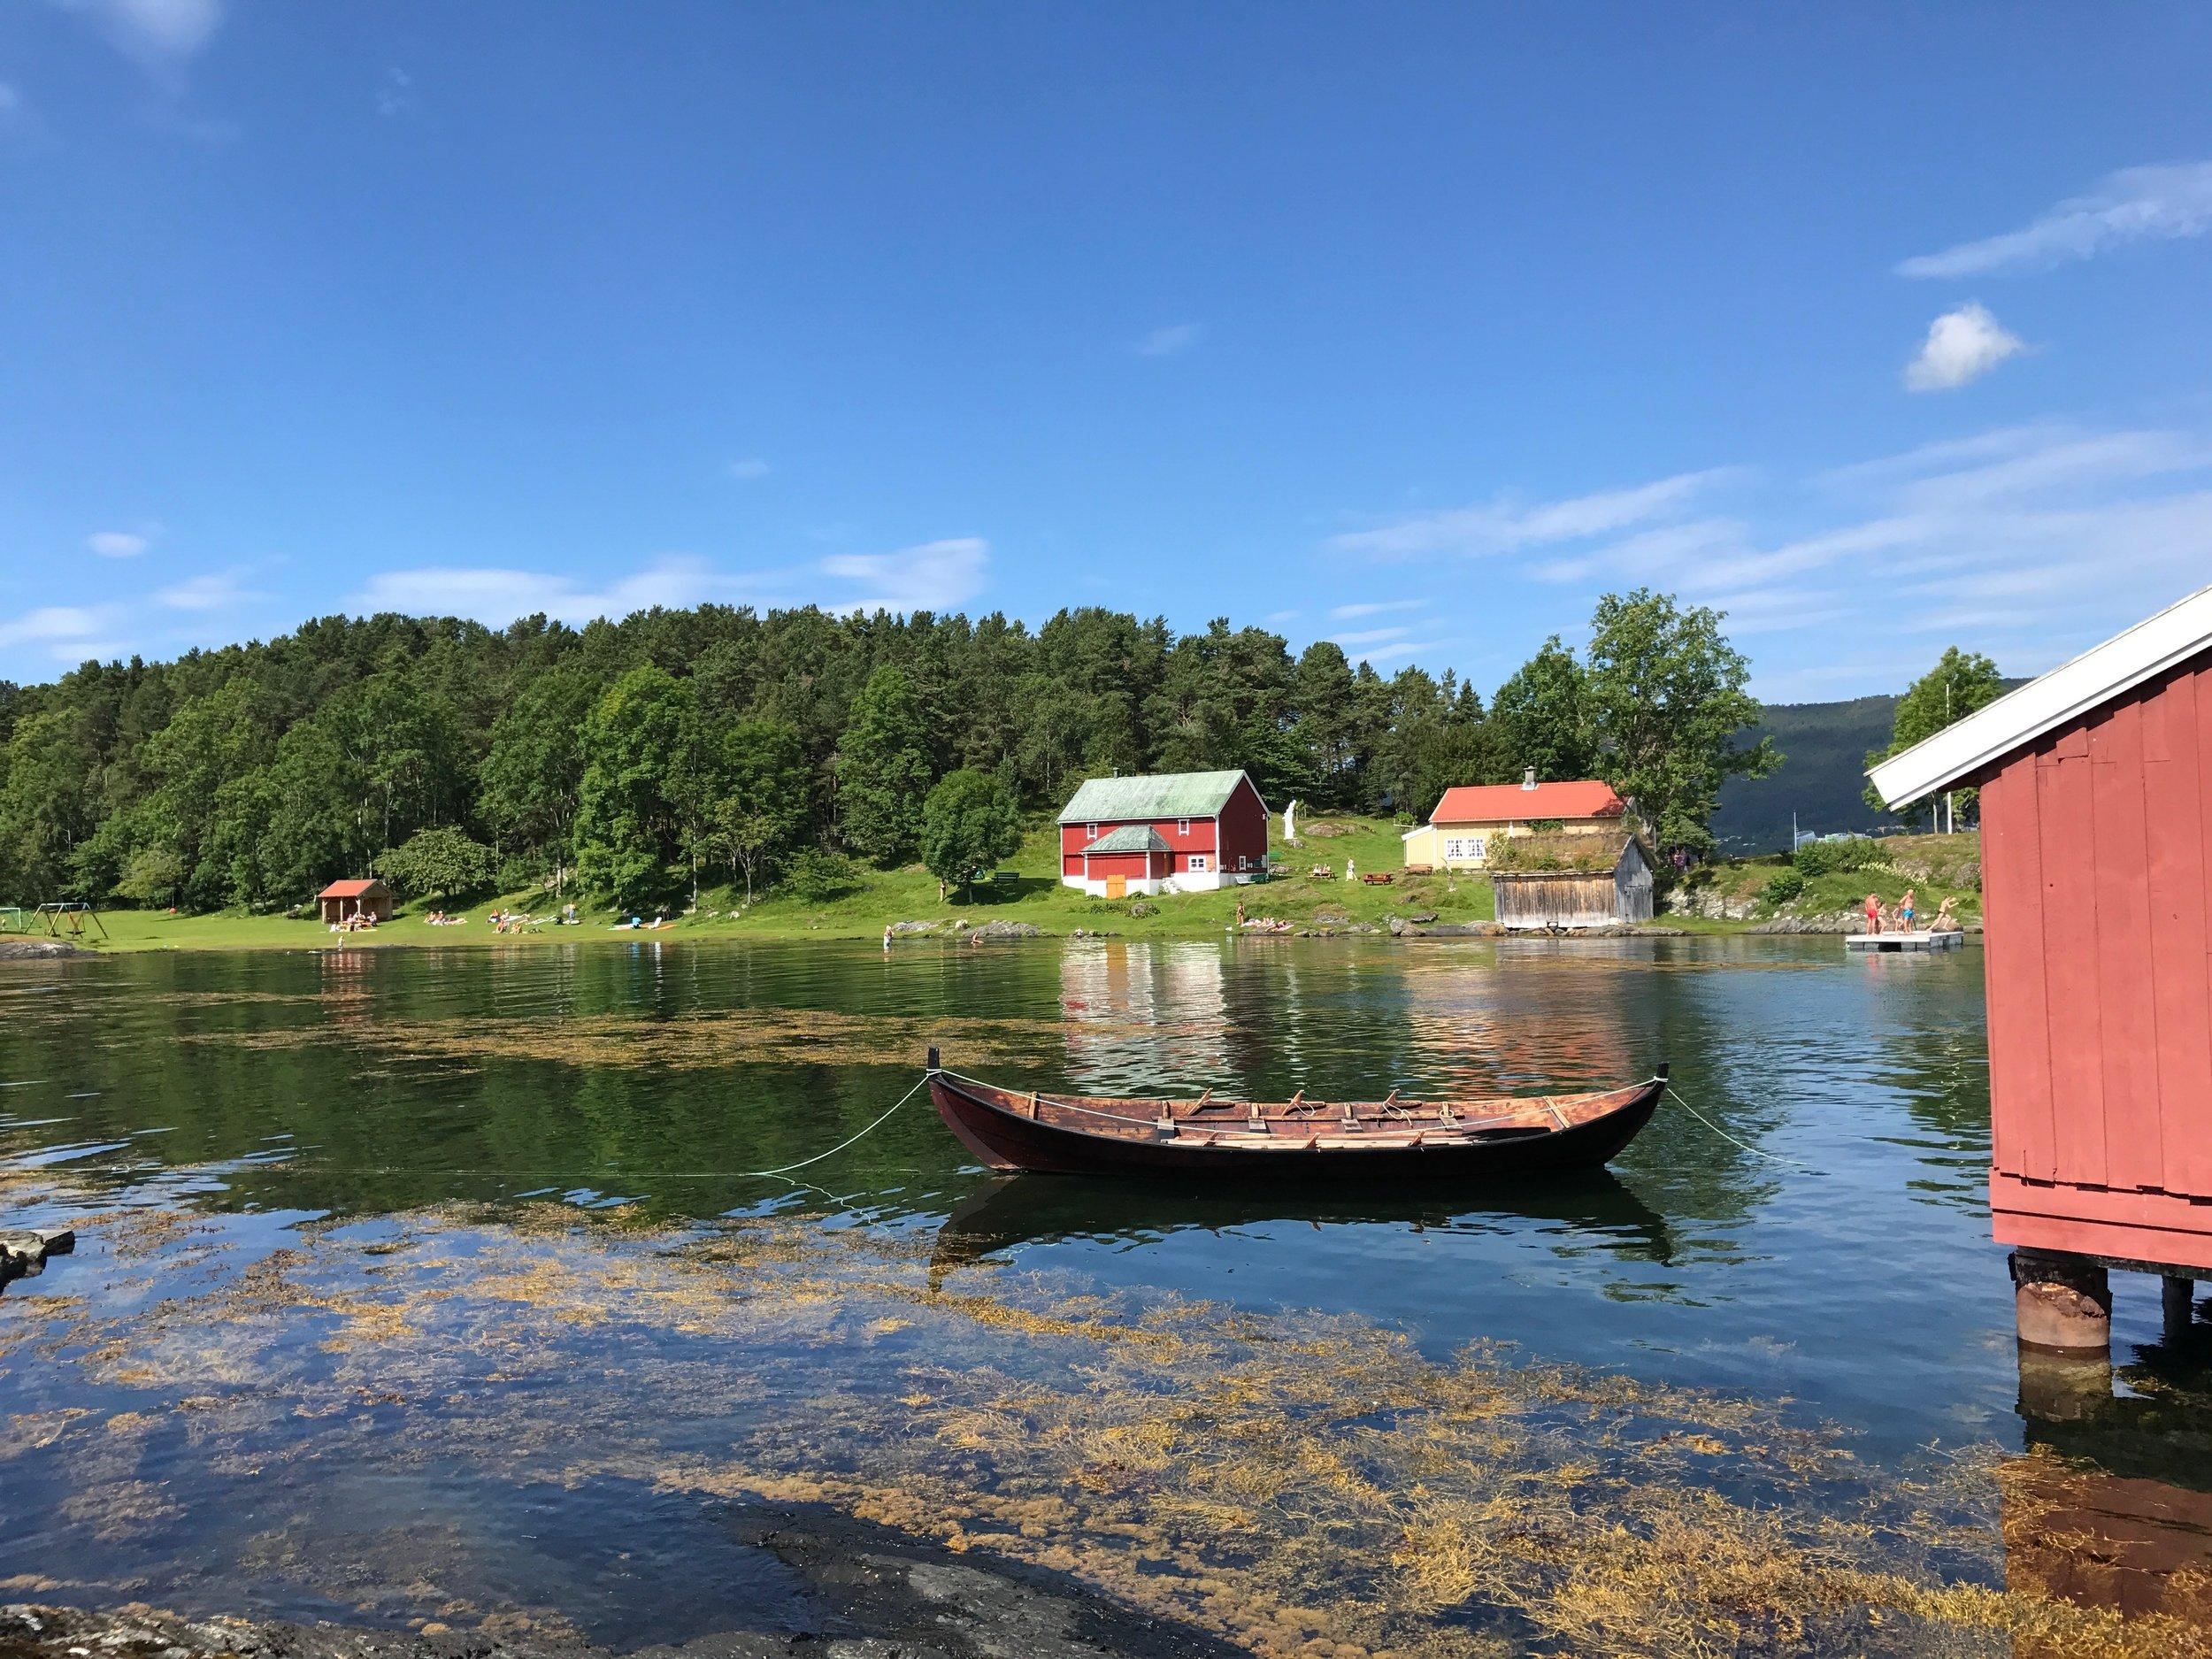 Hjertøya regnes som et av de vakreste friluftsområdene i Molde. Kanskje på tide å hedre han som reddet den fra rike oppkjøpere? Foto: Odd Roar Lange